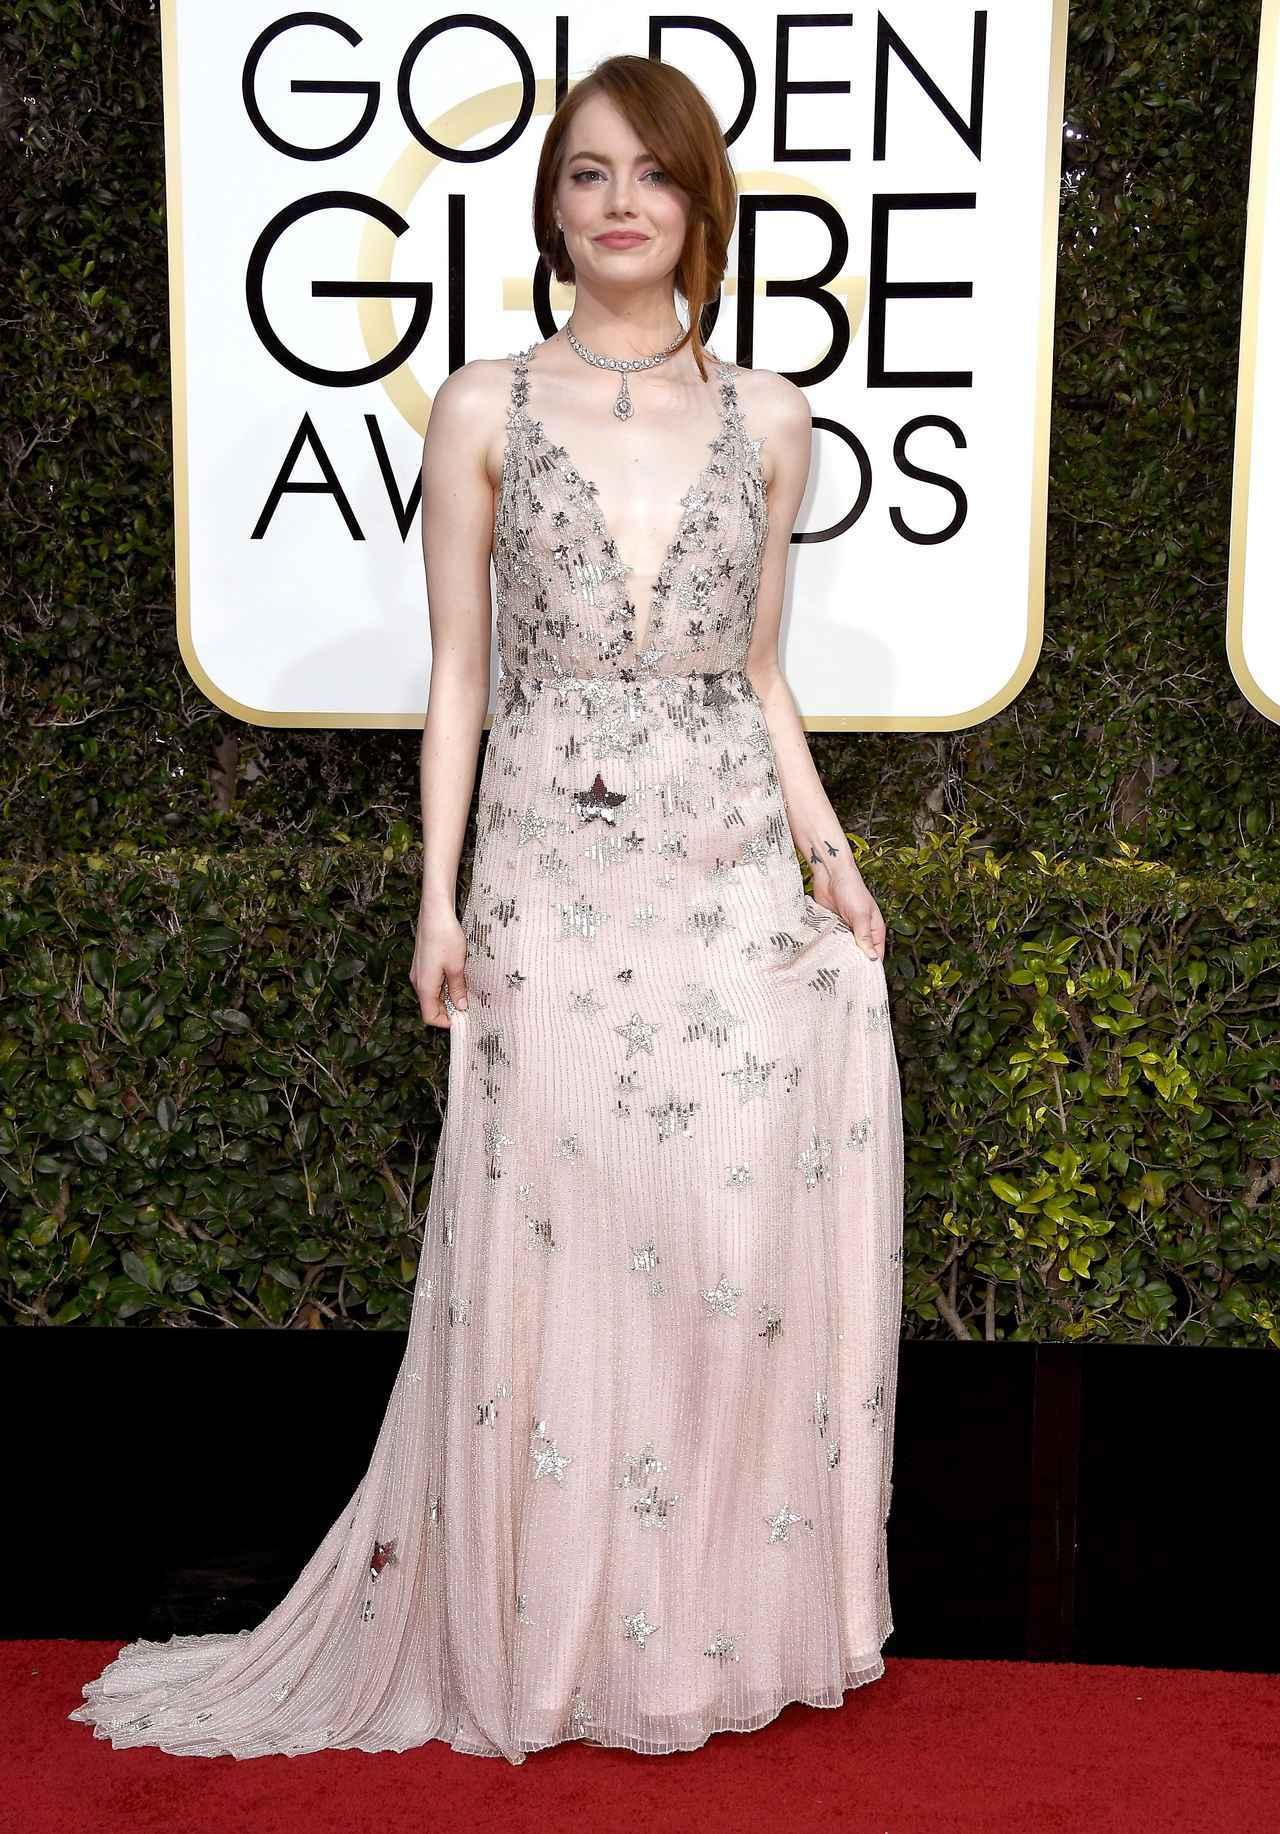 画像: 昨年、日本でも大ヒットした映画『ラ・ラ・ランド』でアカデミー賞主演女優賞、及びゴールデン・グローブ賞主演女優賞を受賞した女優のエマ・ストーン。